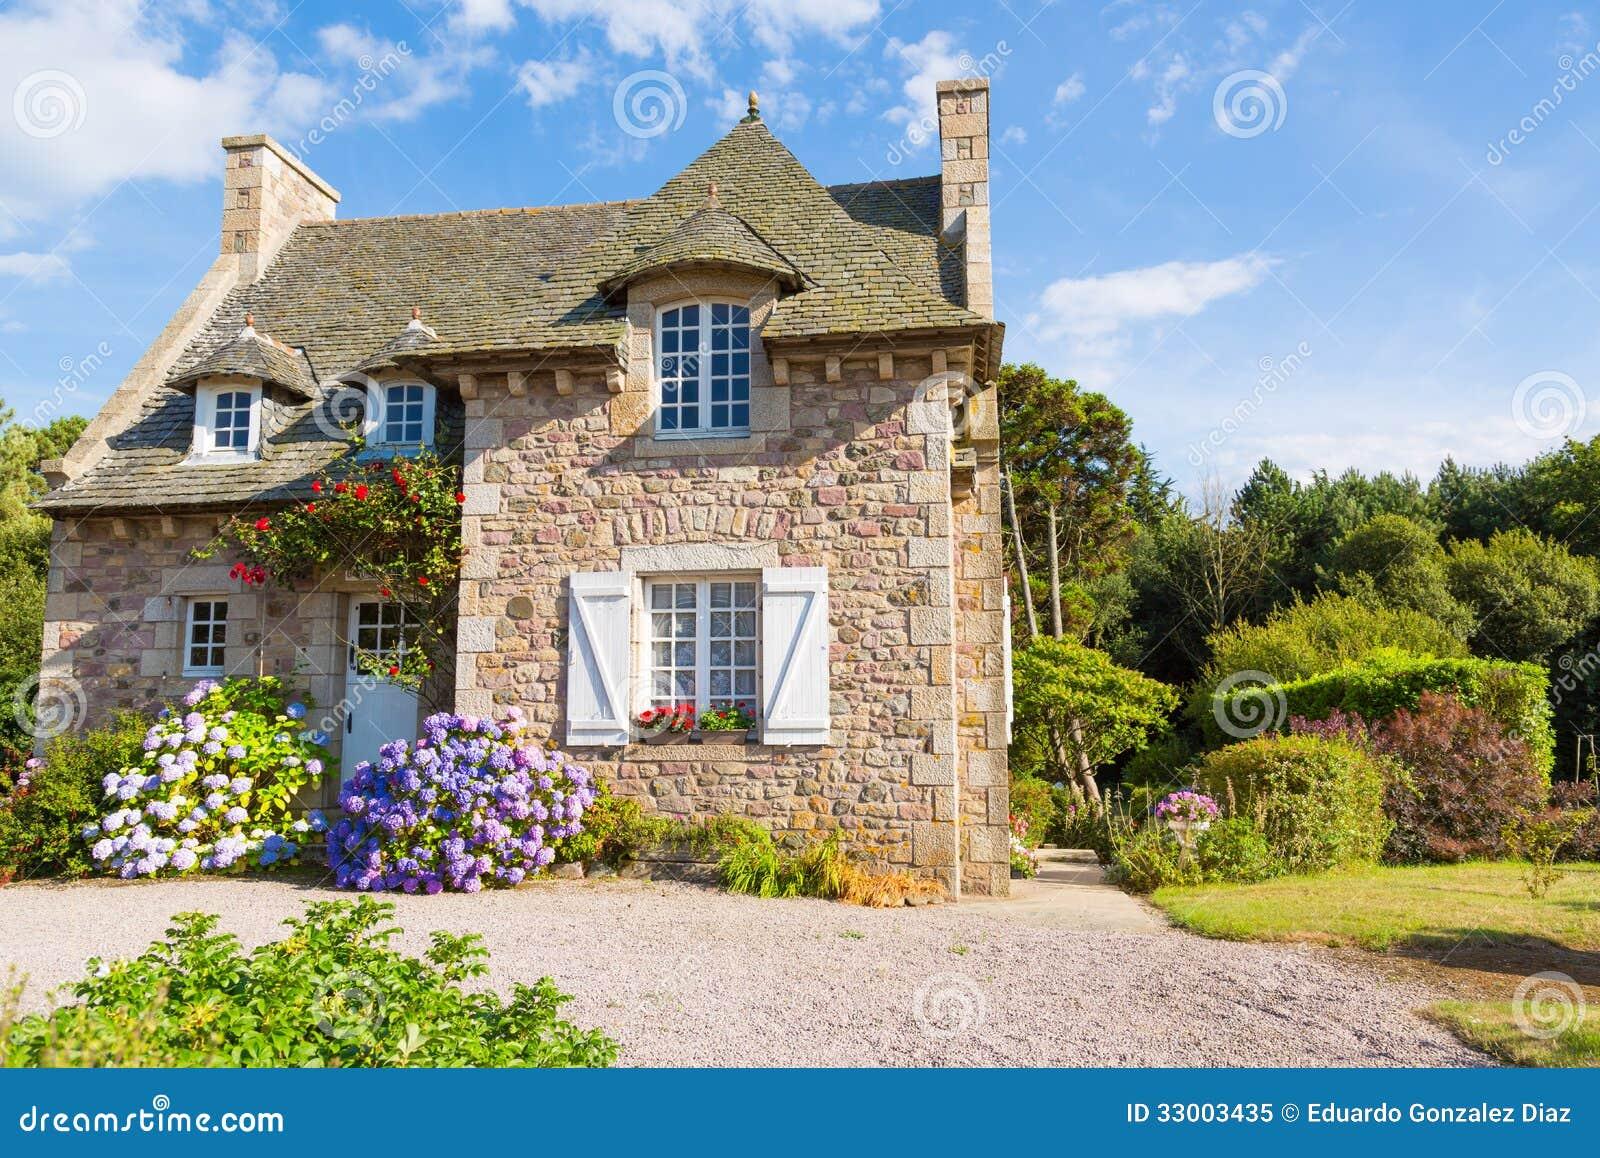 Maison typique de la bretagne de fran ais photo libre de droits image 3300 - Maison prefabriquee bretagne ...